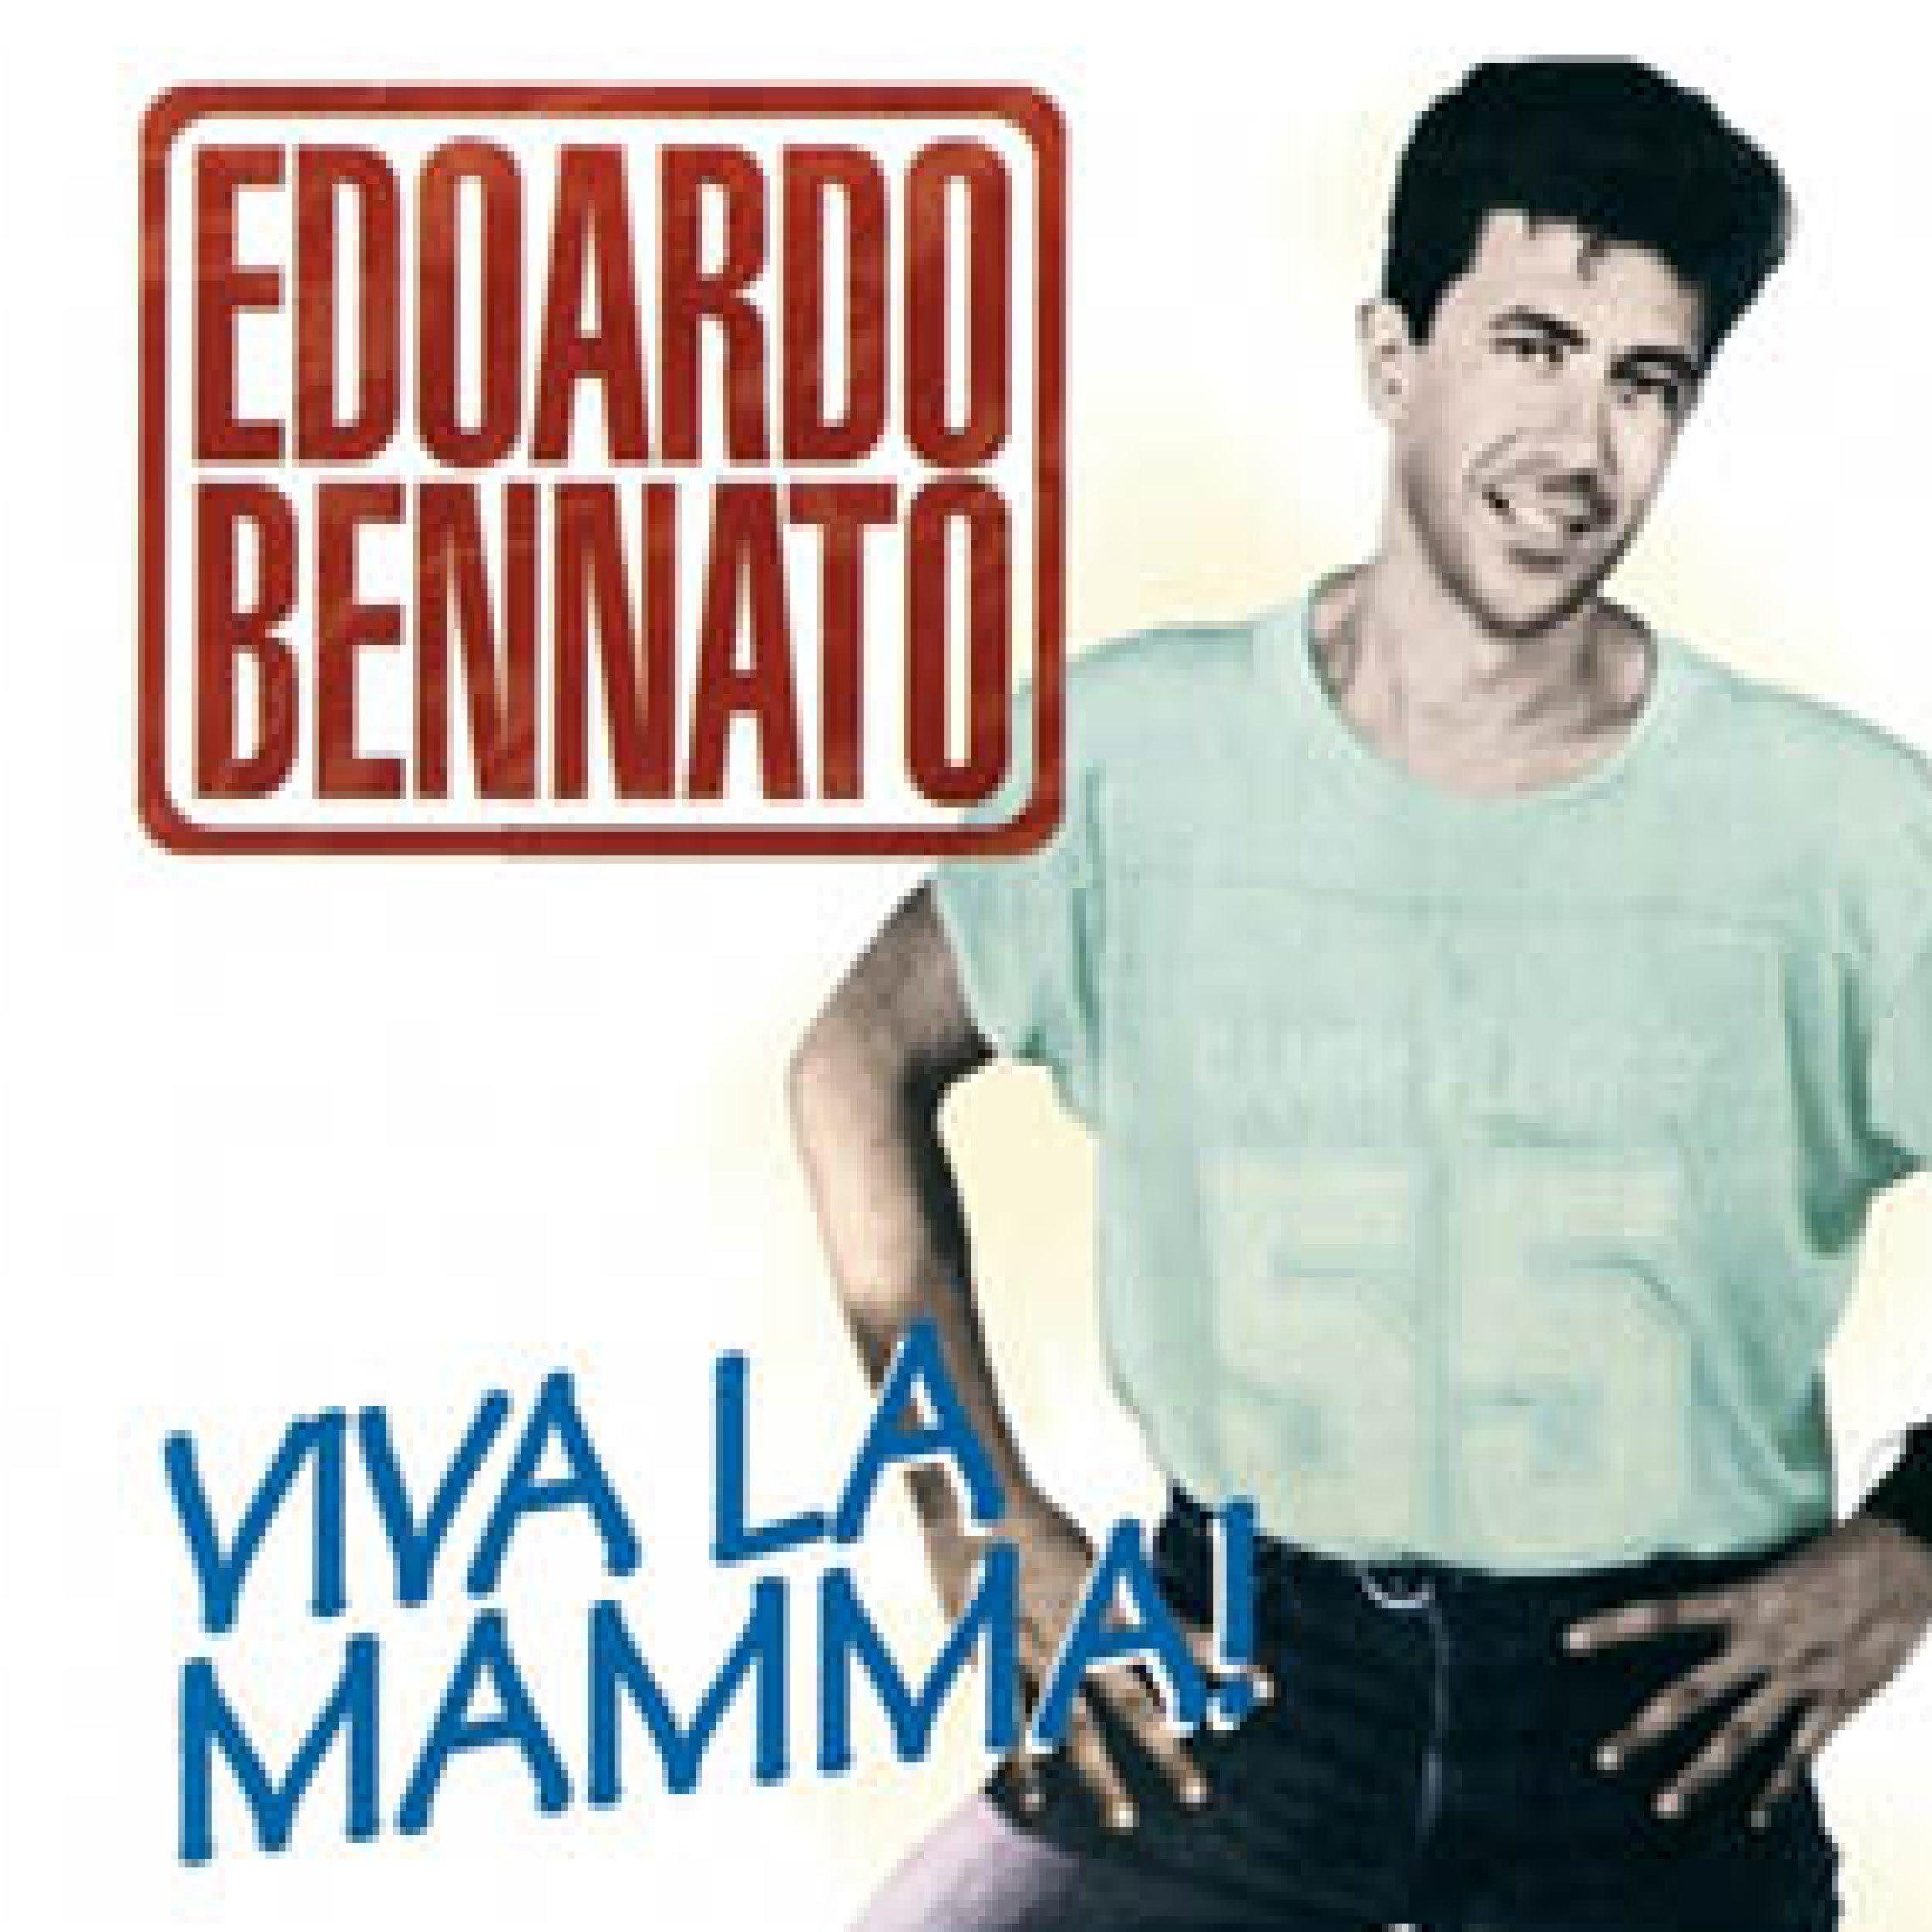 Italian Songs: Viva la mamma